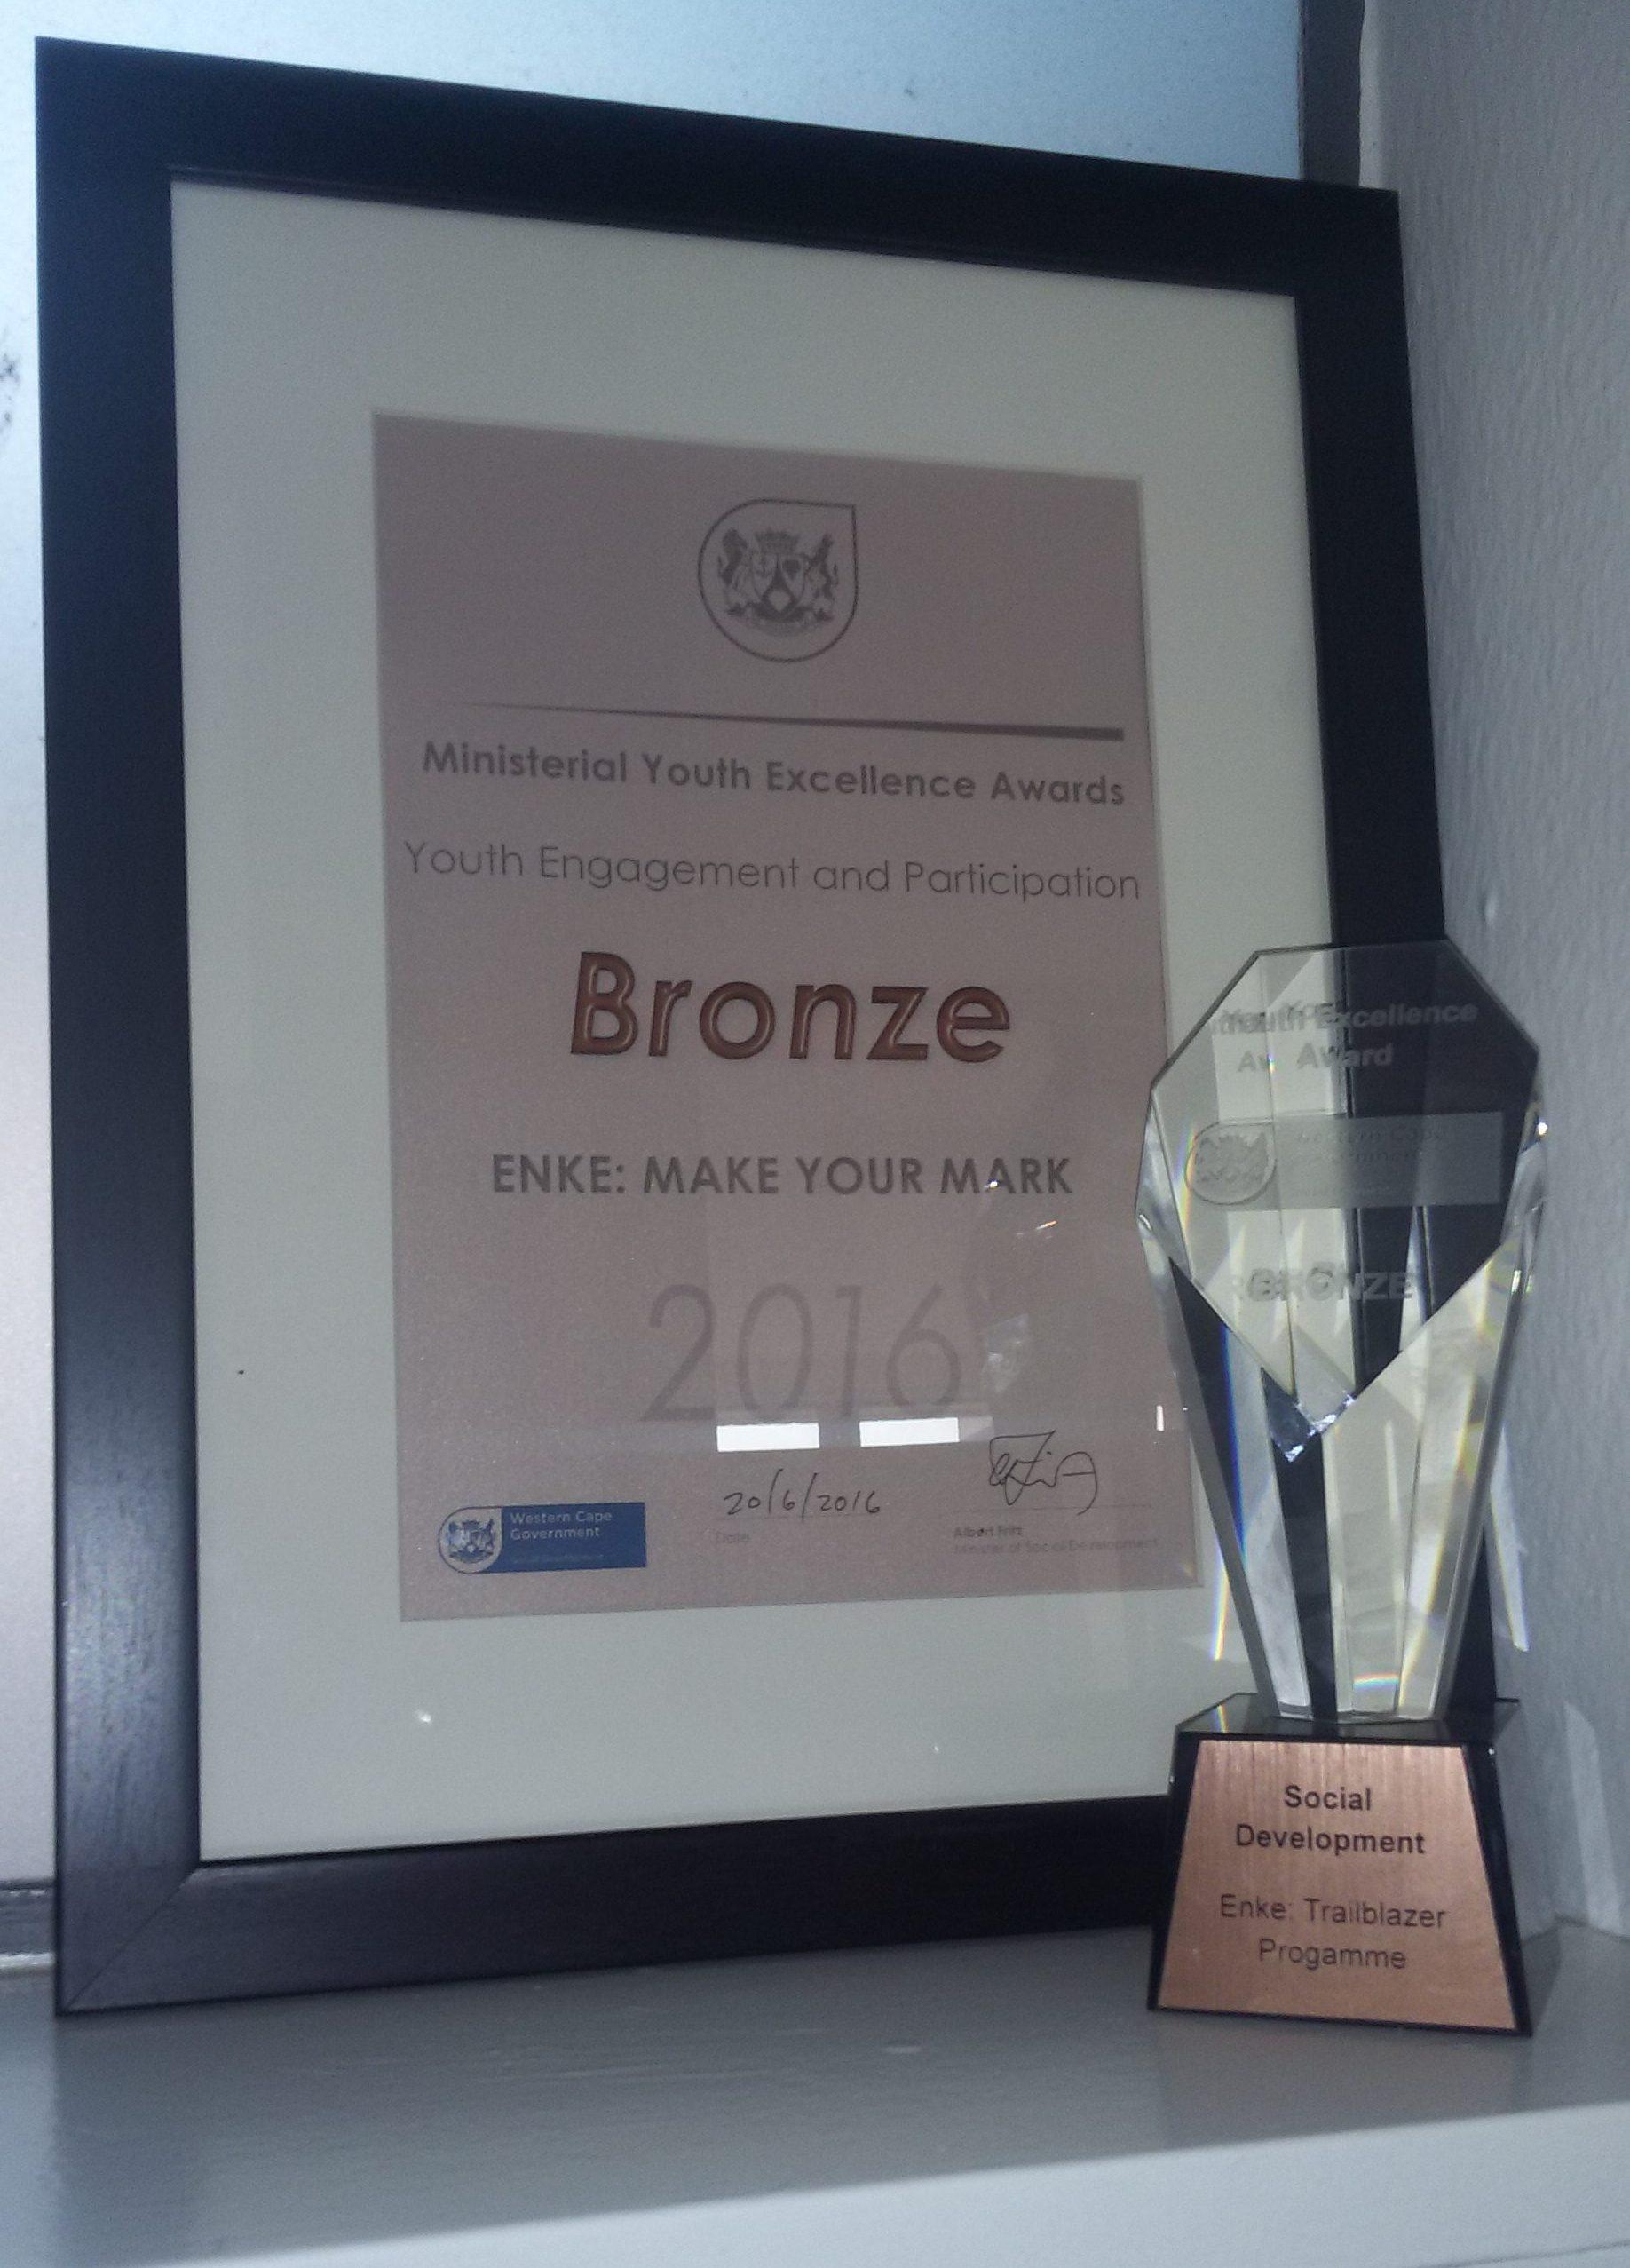 enke: Make Your Mark wins Award